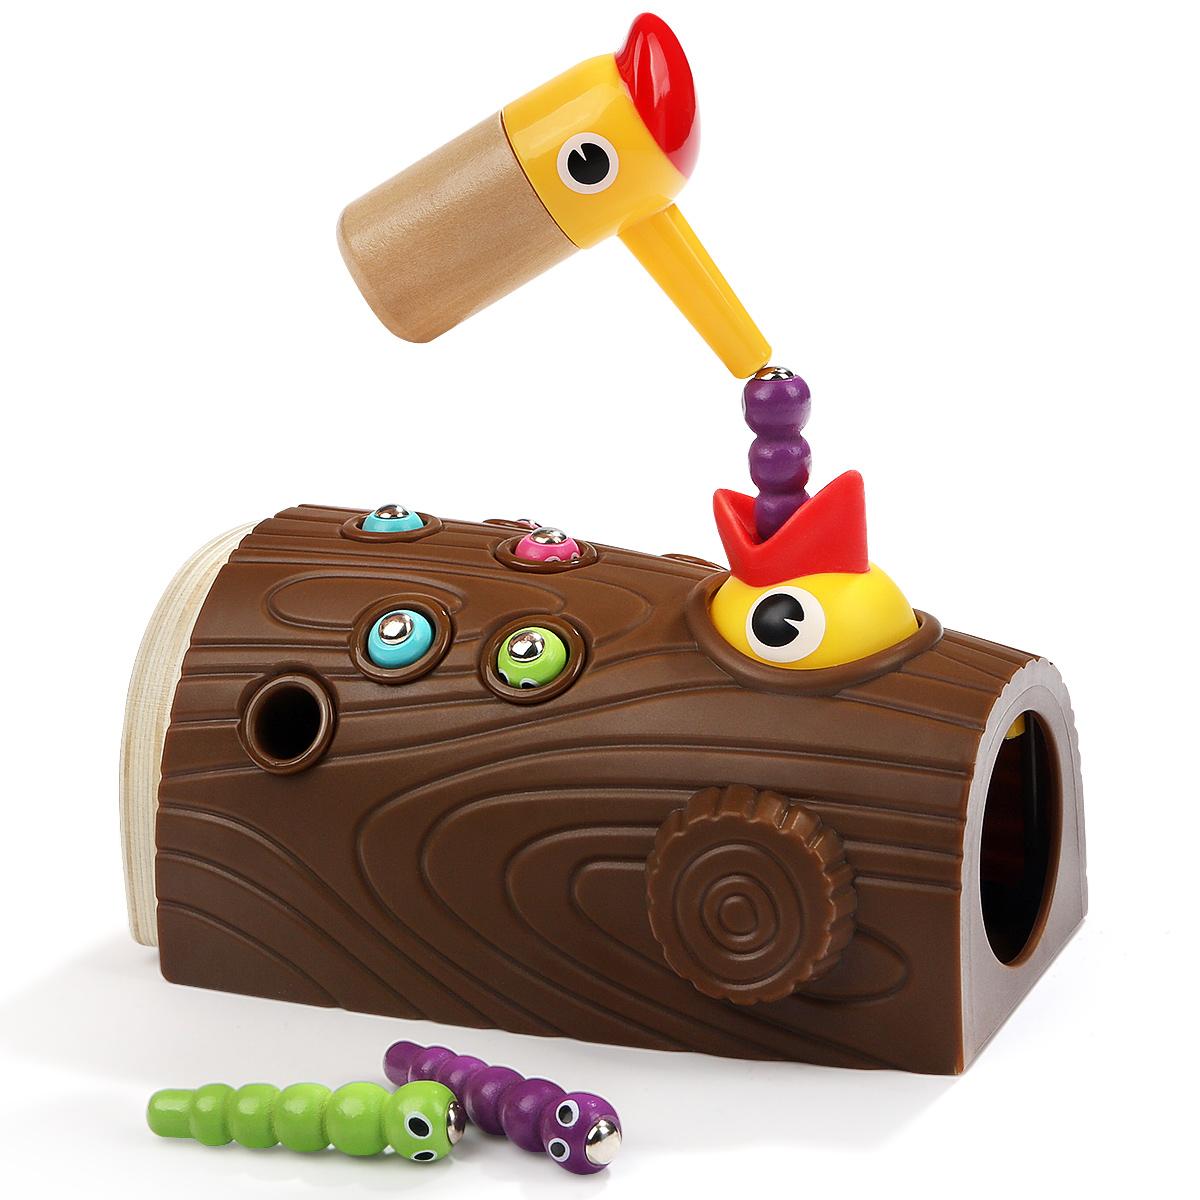 特宝儿啄木鸟儿童益智玩具捉虫喂小鸟鸡抓吃虫子1-2岁男女孩宝宝【图4】